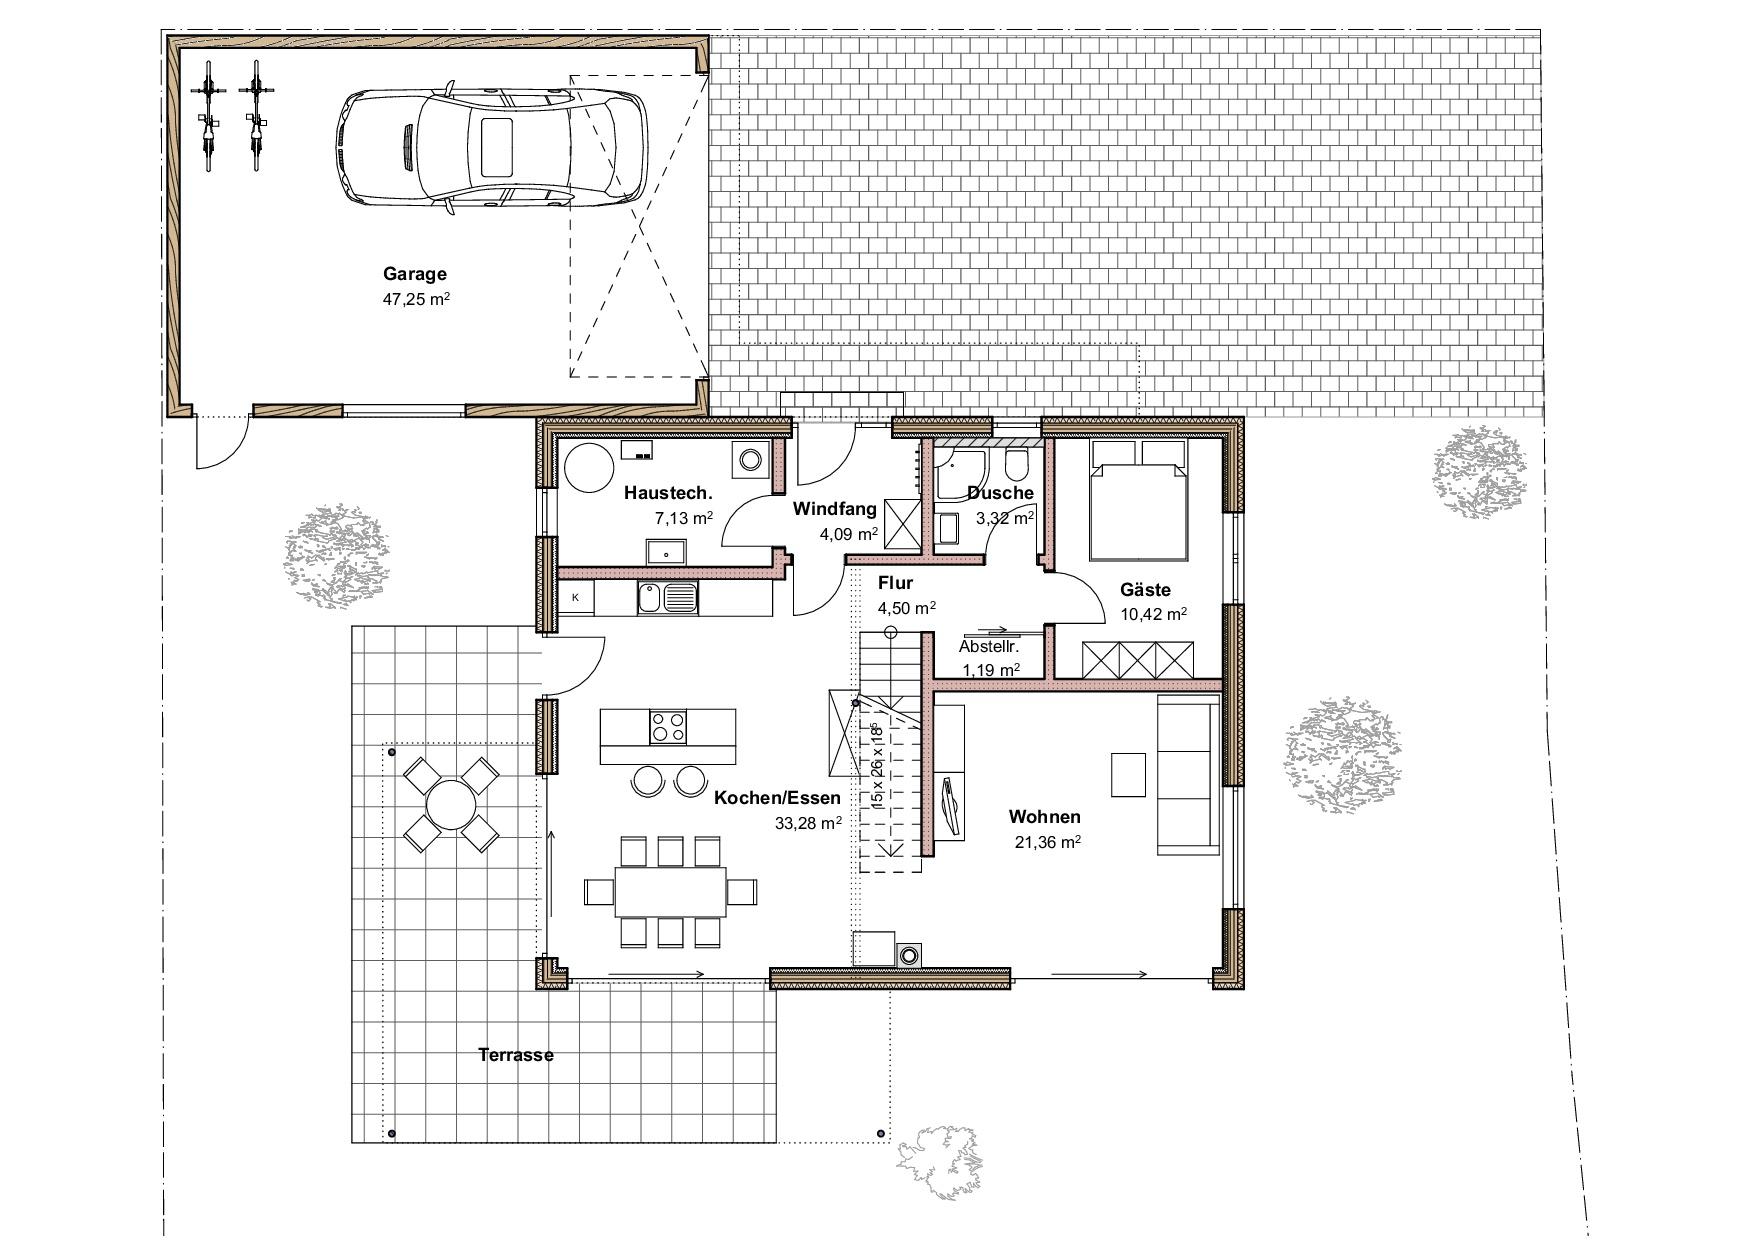 Einfamilienhaus - Planungsbüro Edgar Popp, Lindenberg im Allgäu